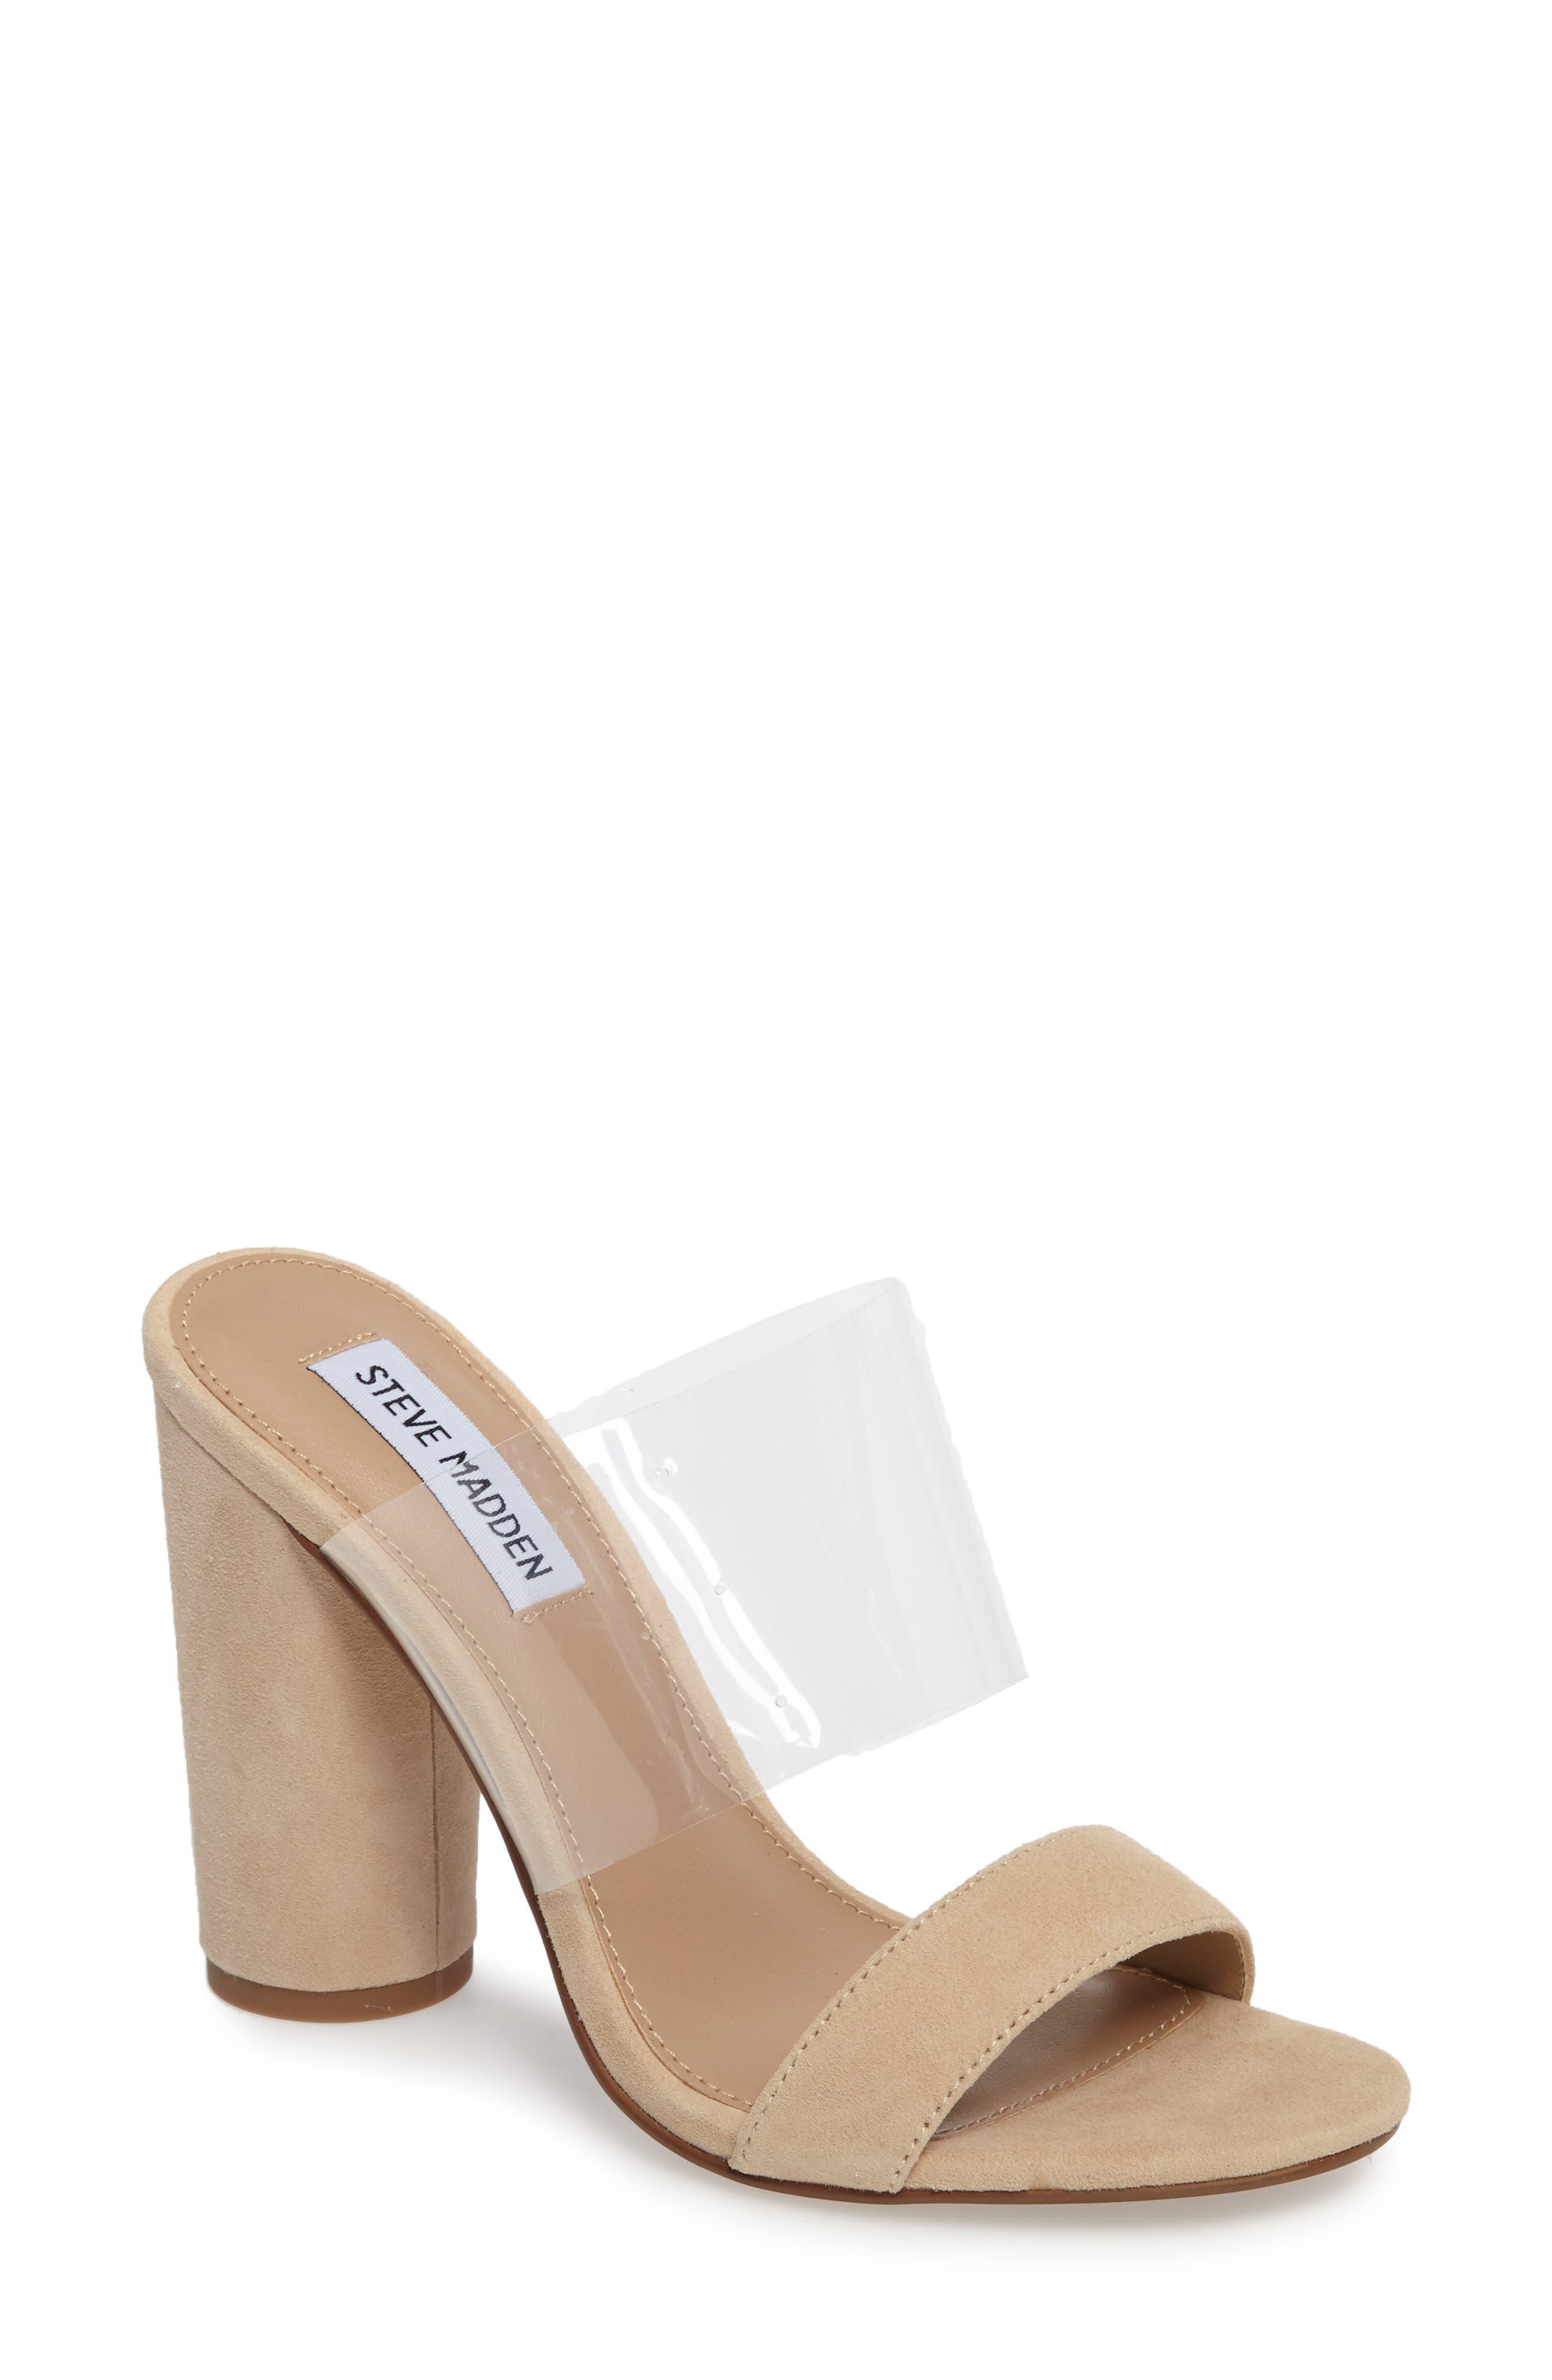 Cheers Slide Sandal,                         Main,                         color, Tan Suede